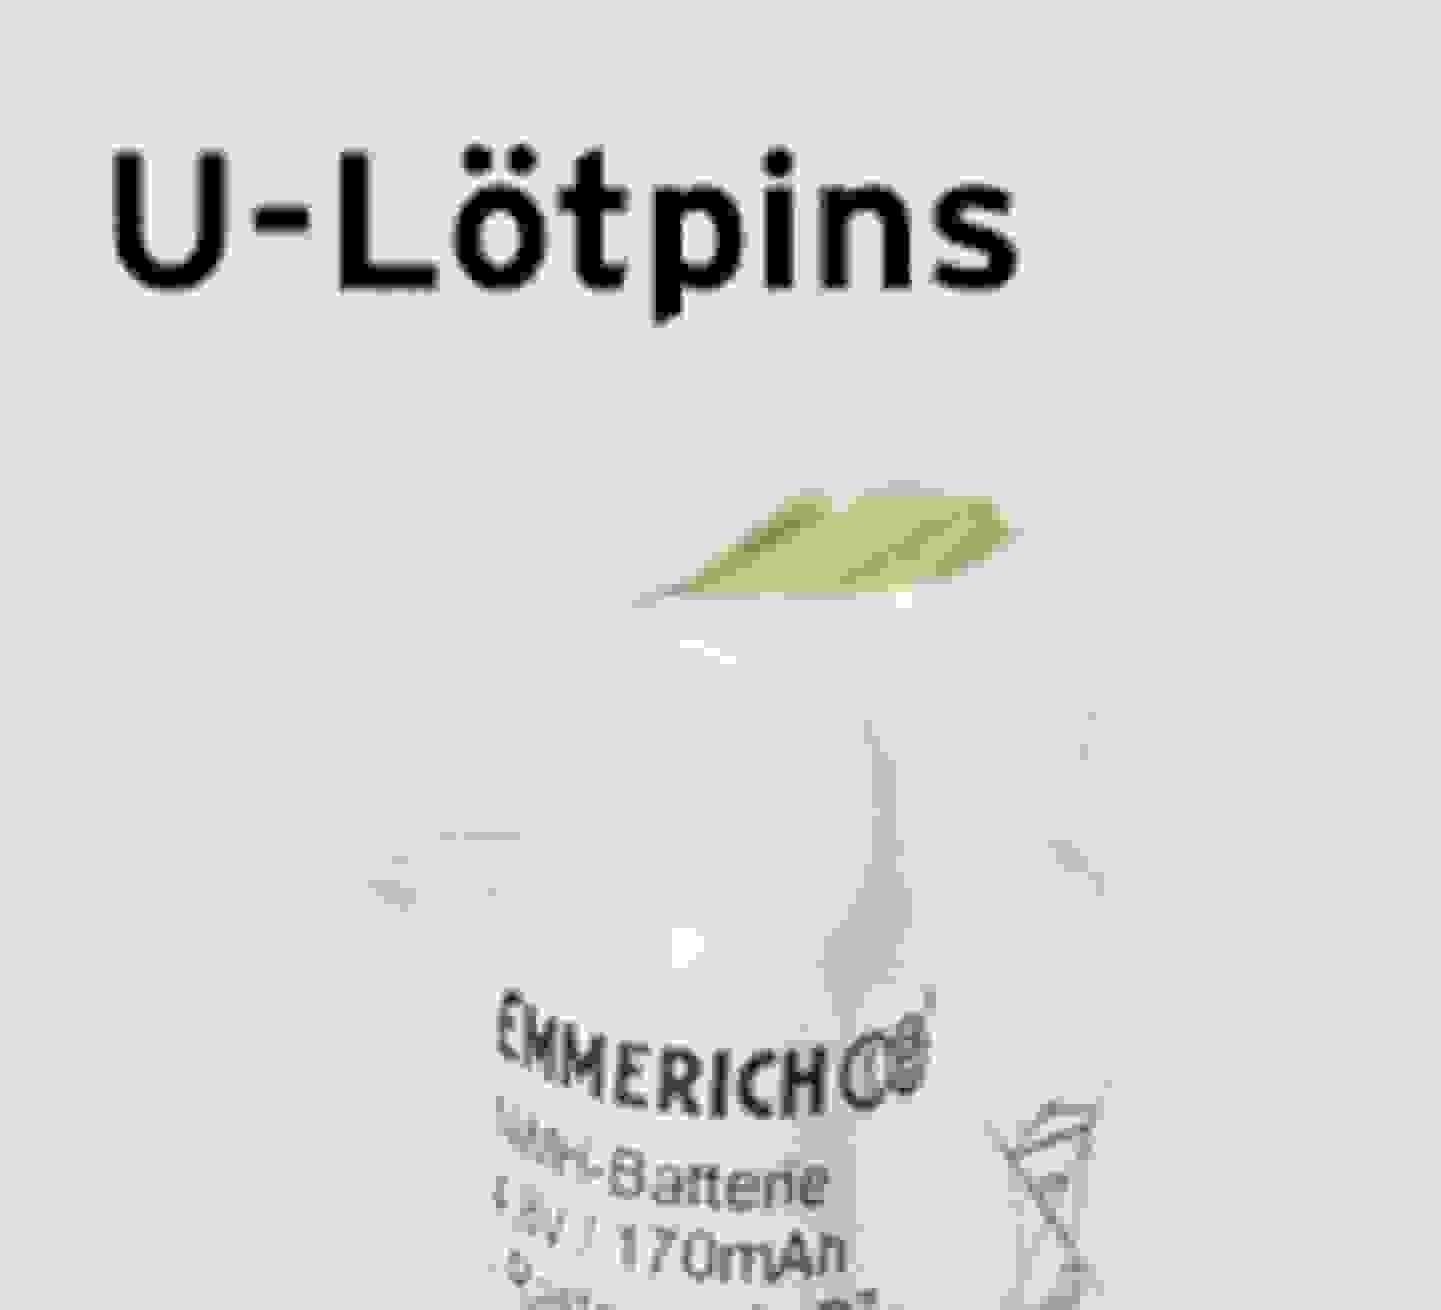 Emmerich U-Lötpin-Akkupacks